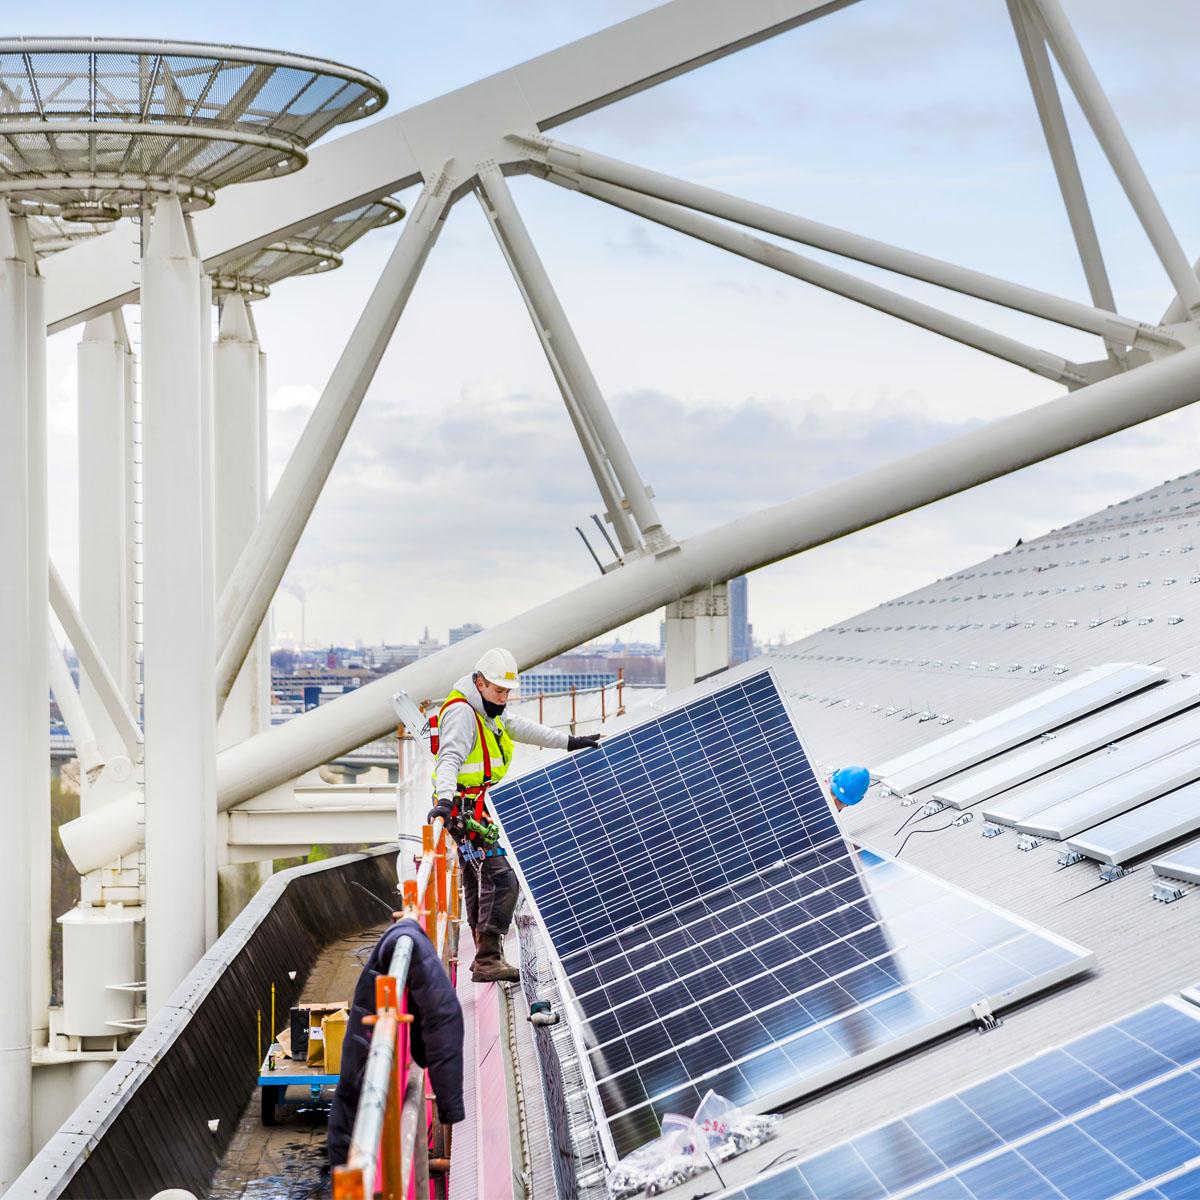 De Johan Cruijff ArenA is... ♻️ Een duurzaam stadion. ⚡️ Én energie klimaat-neutraal.  That's what we like. 🙏🏼 https://t.co/o2NSHbKlzl